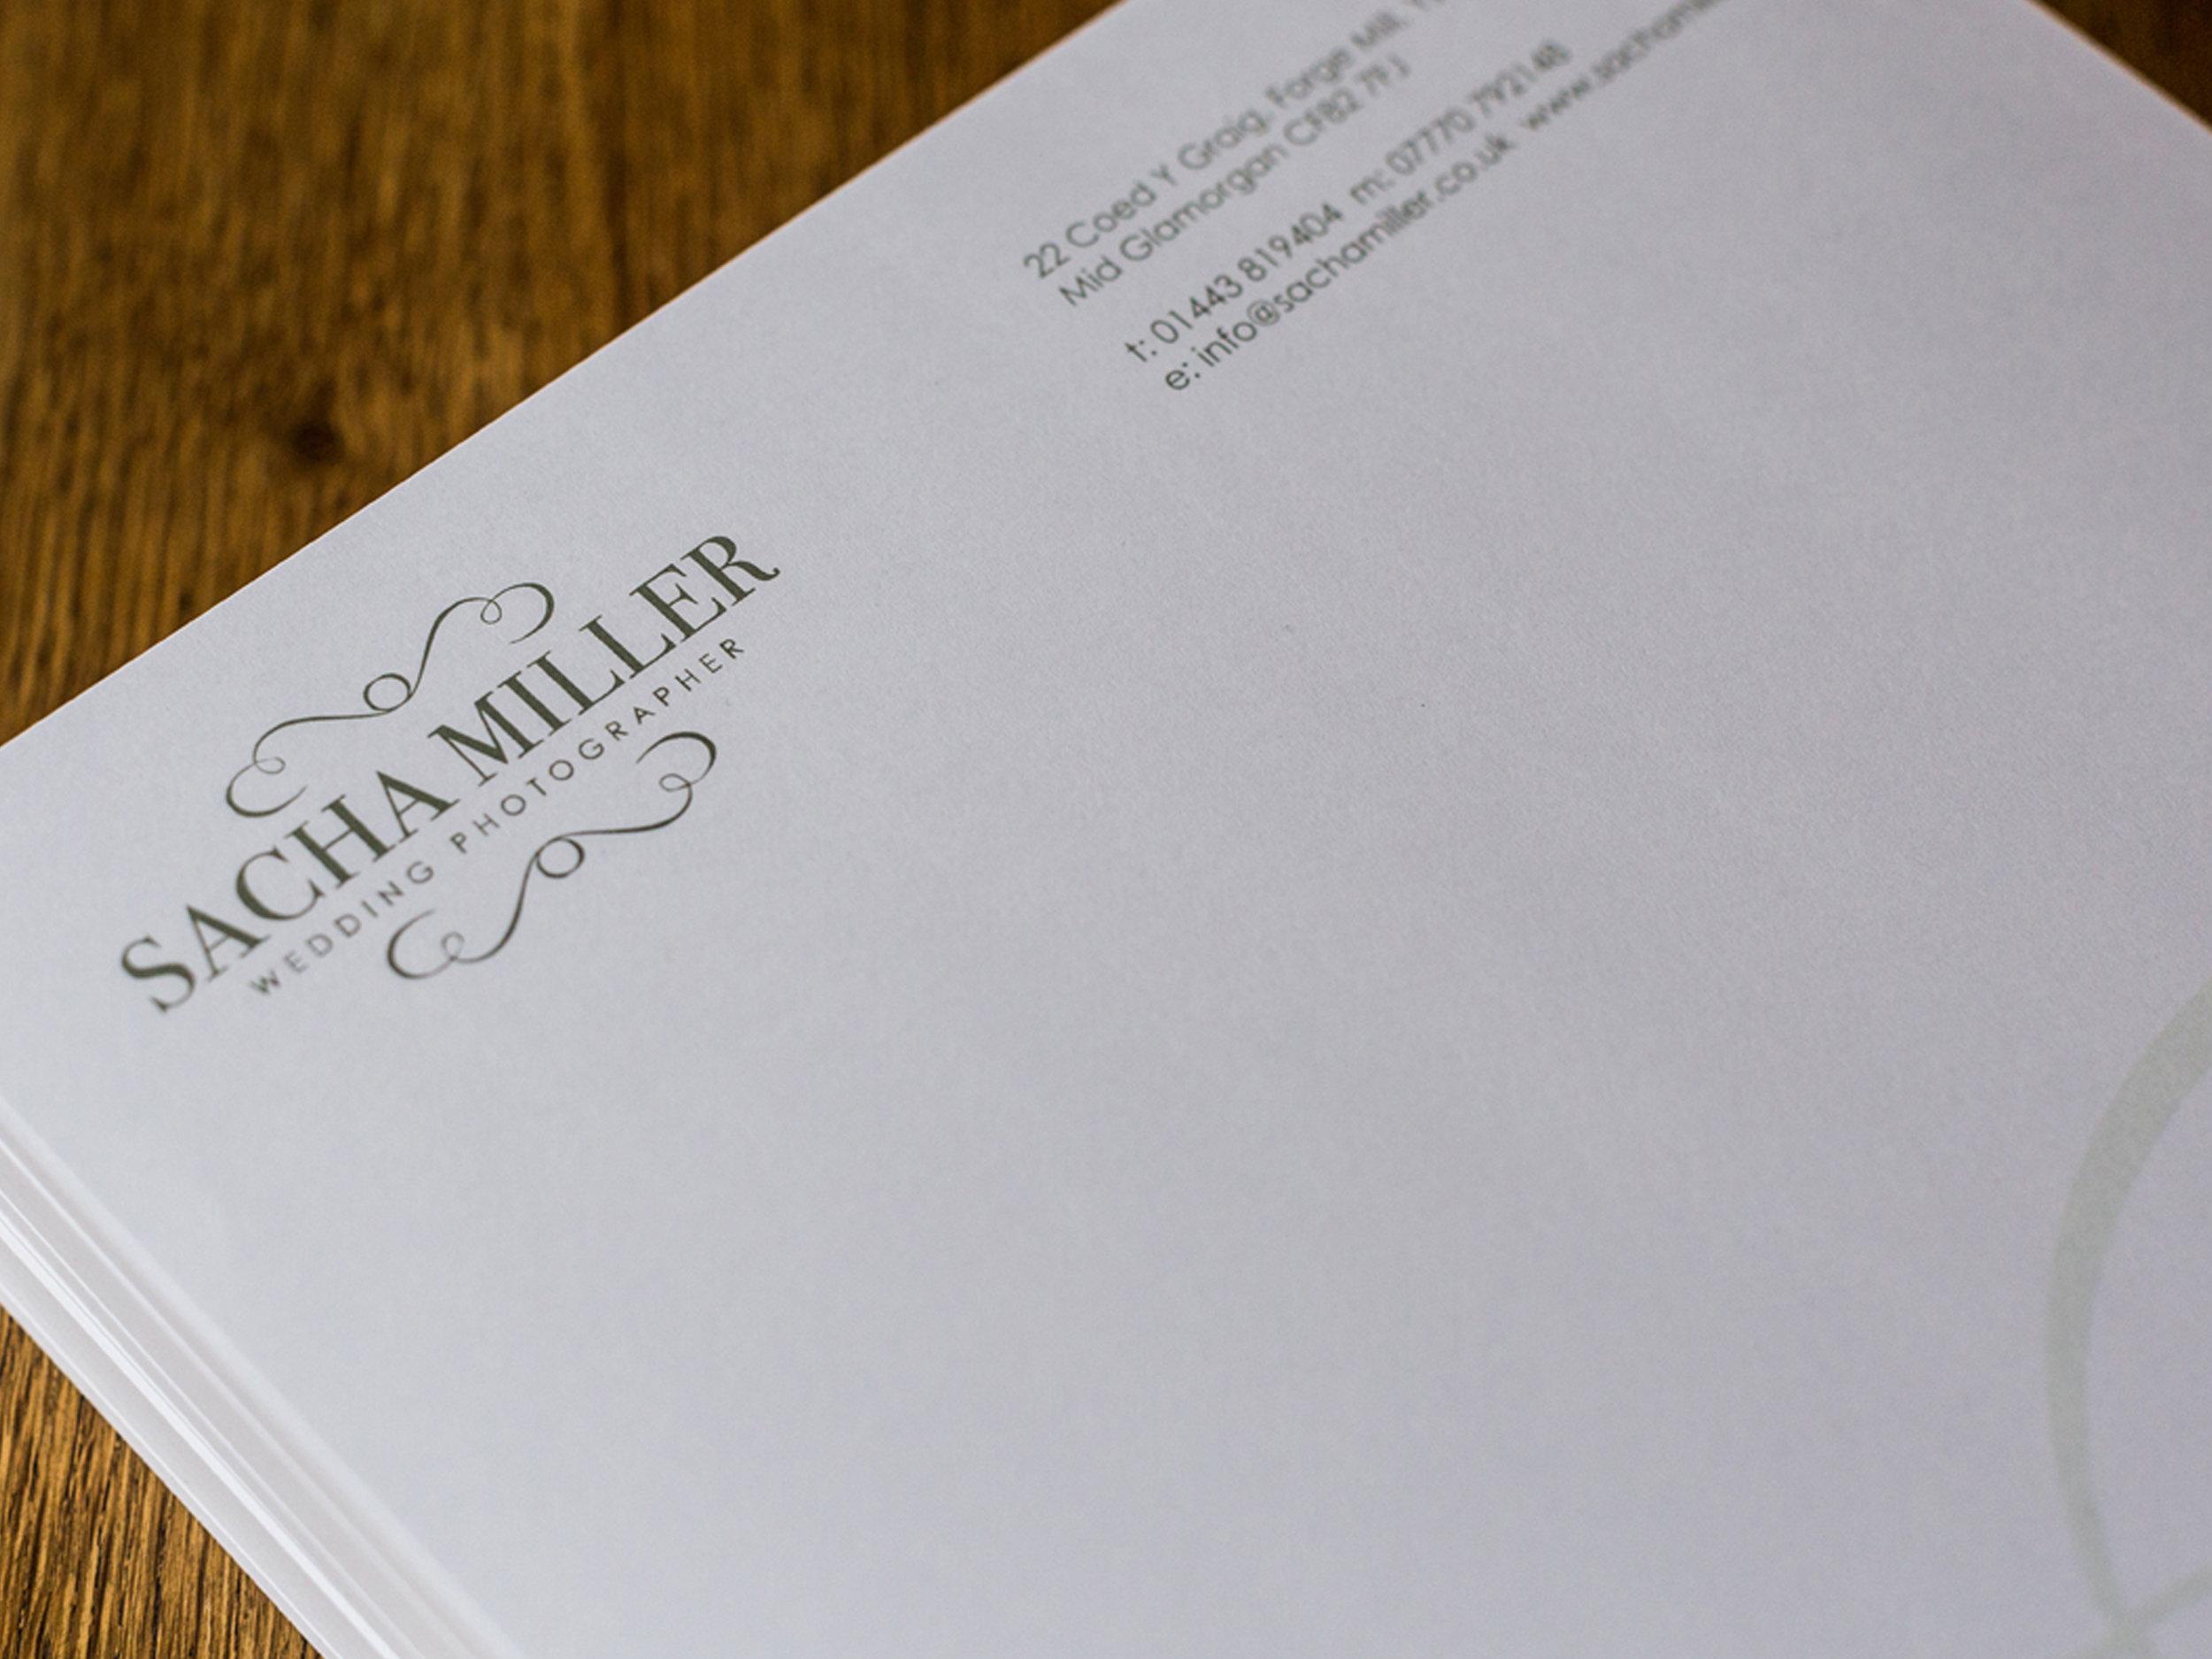 Sacha-Miller_letterhead.jpg